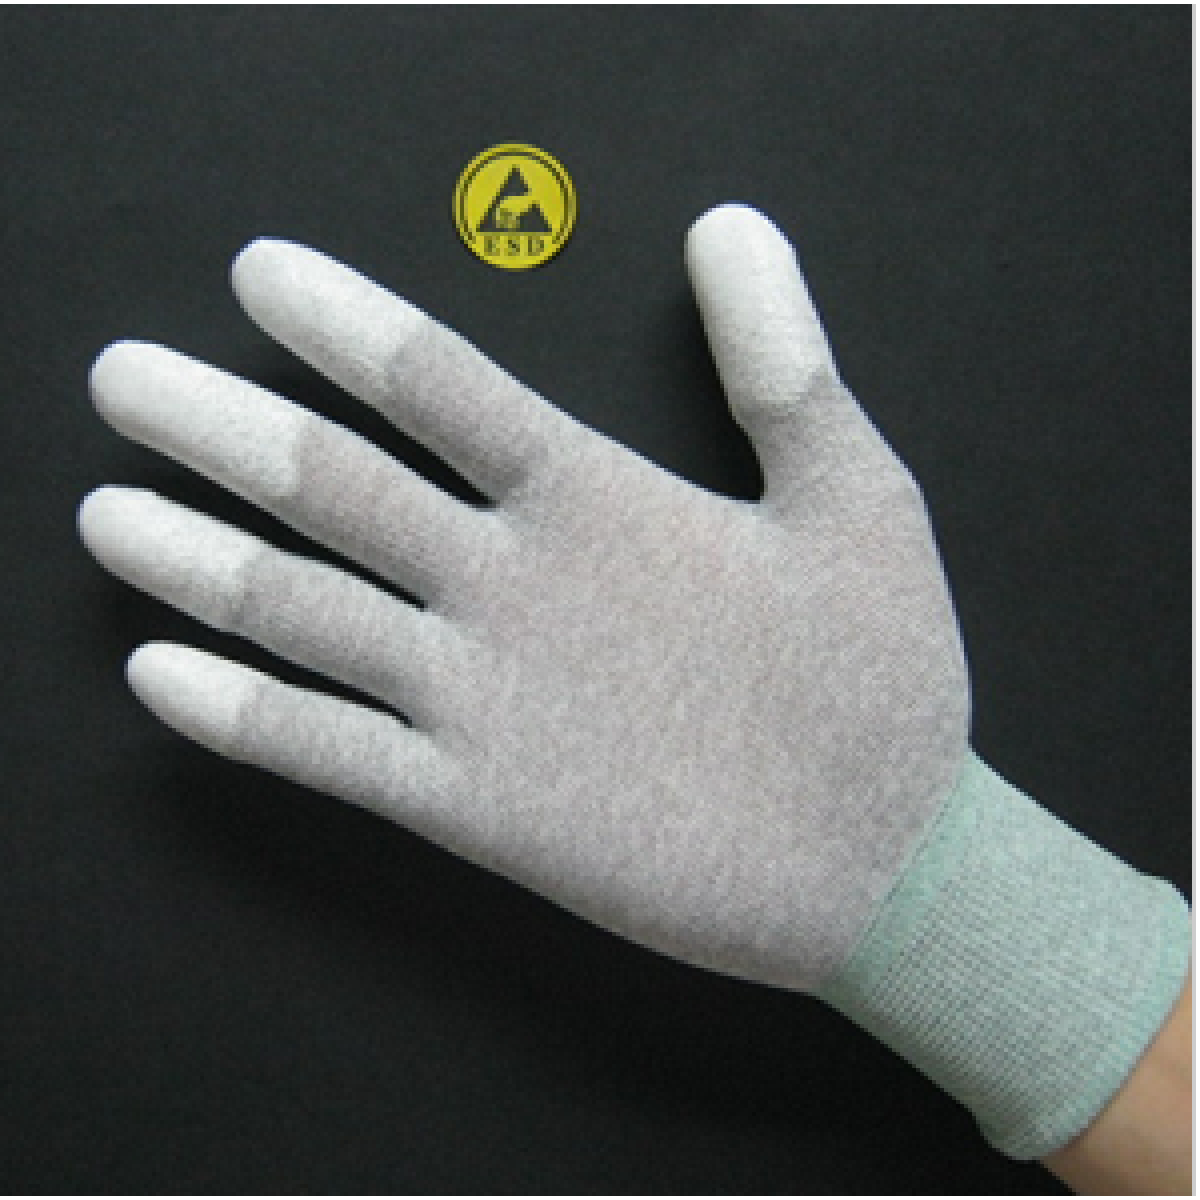 Găng tay dệt kim tĩnh điện Đài Loan phủ cao su đầu ngón